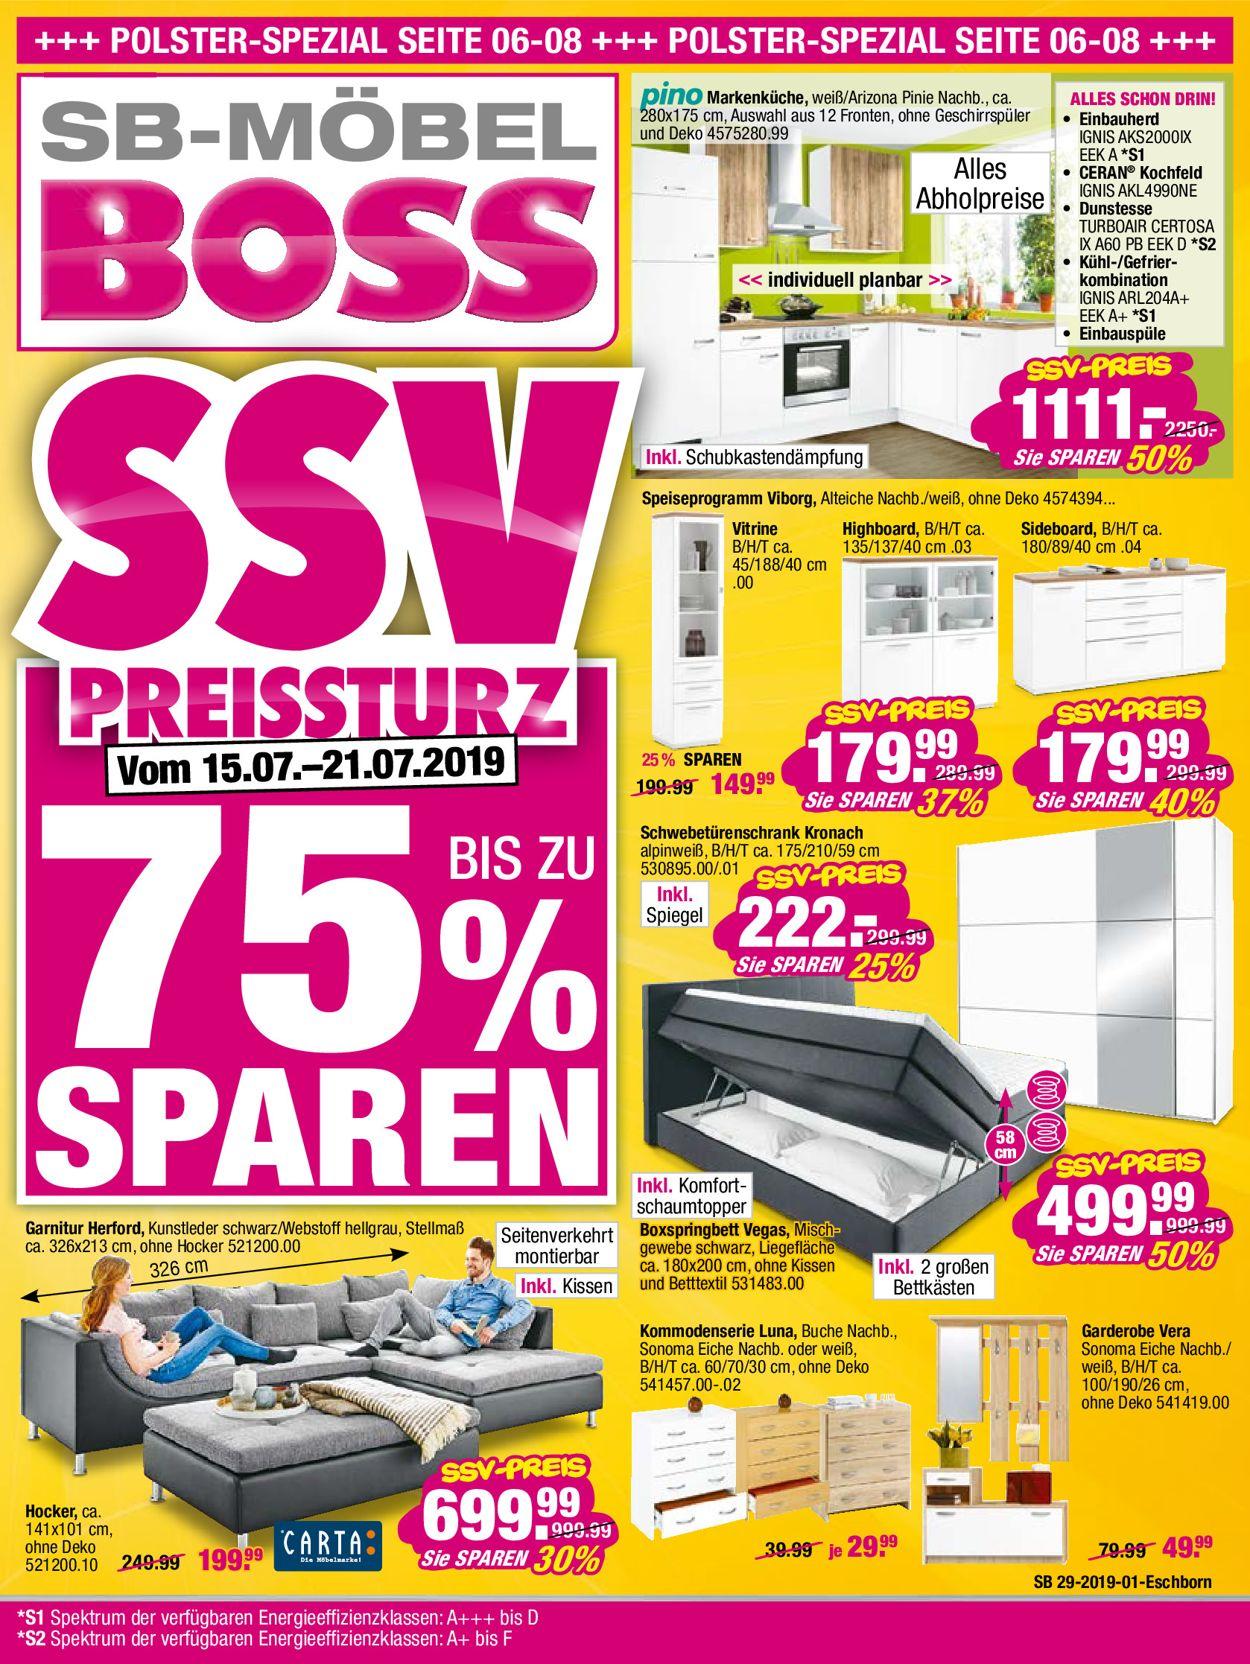 SB Möbel Boss Prospekt - Aktuell vom 15.07-21.07.2019